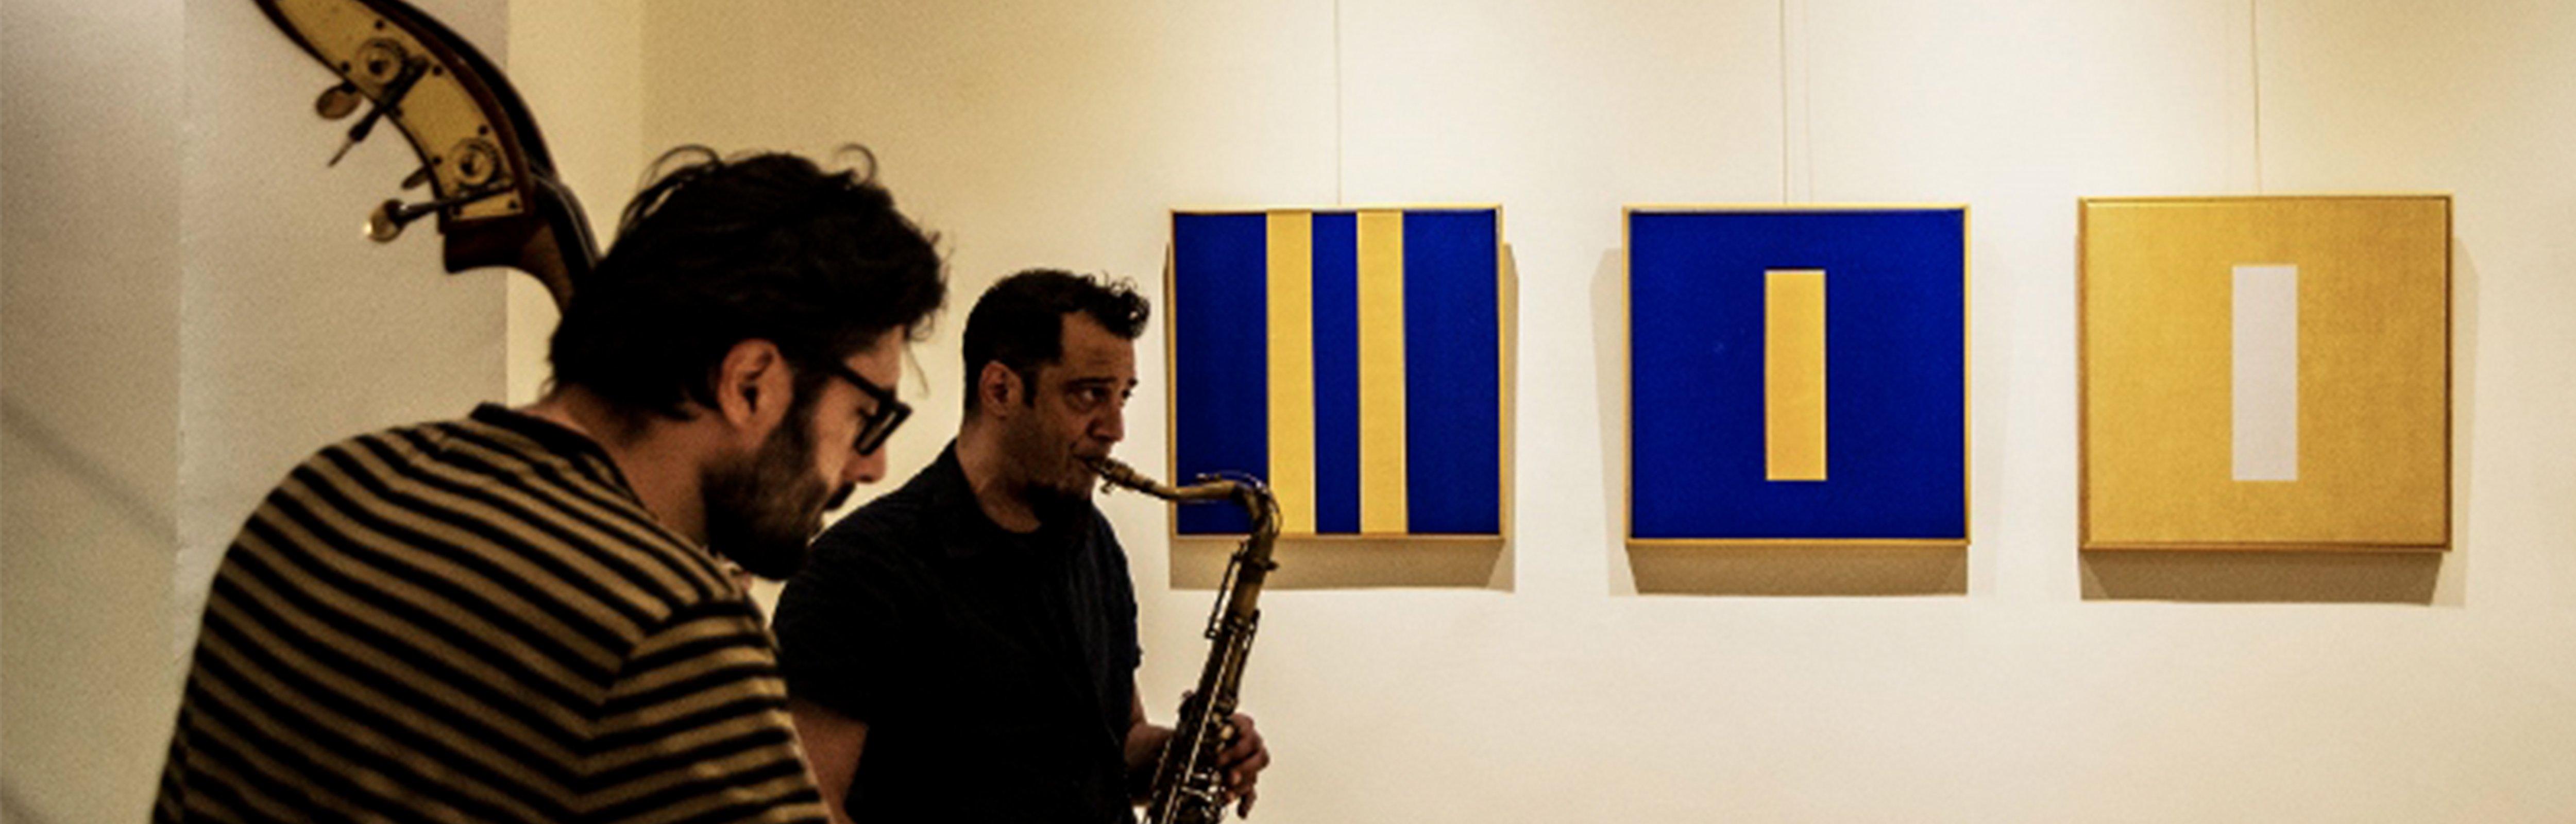 """Venerdì 9 Novembre inaugurazione della mostra """"Colori dell'anima"""" alla Galleria360"""